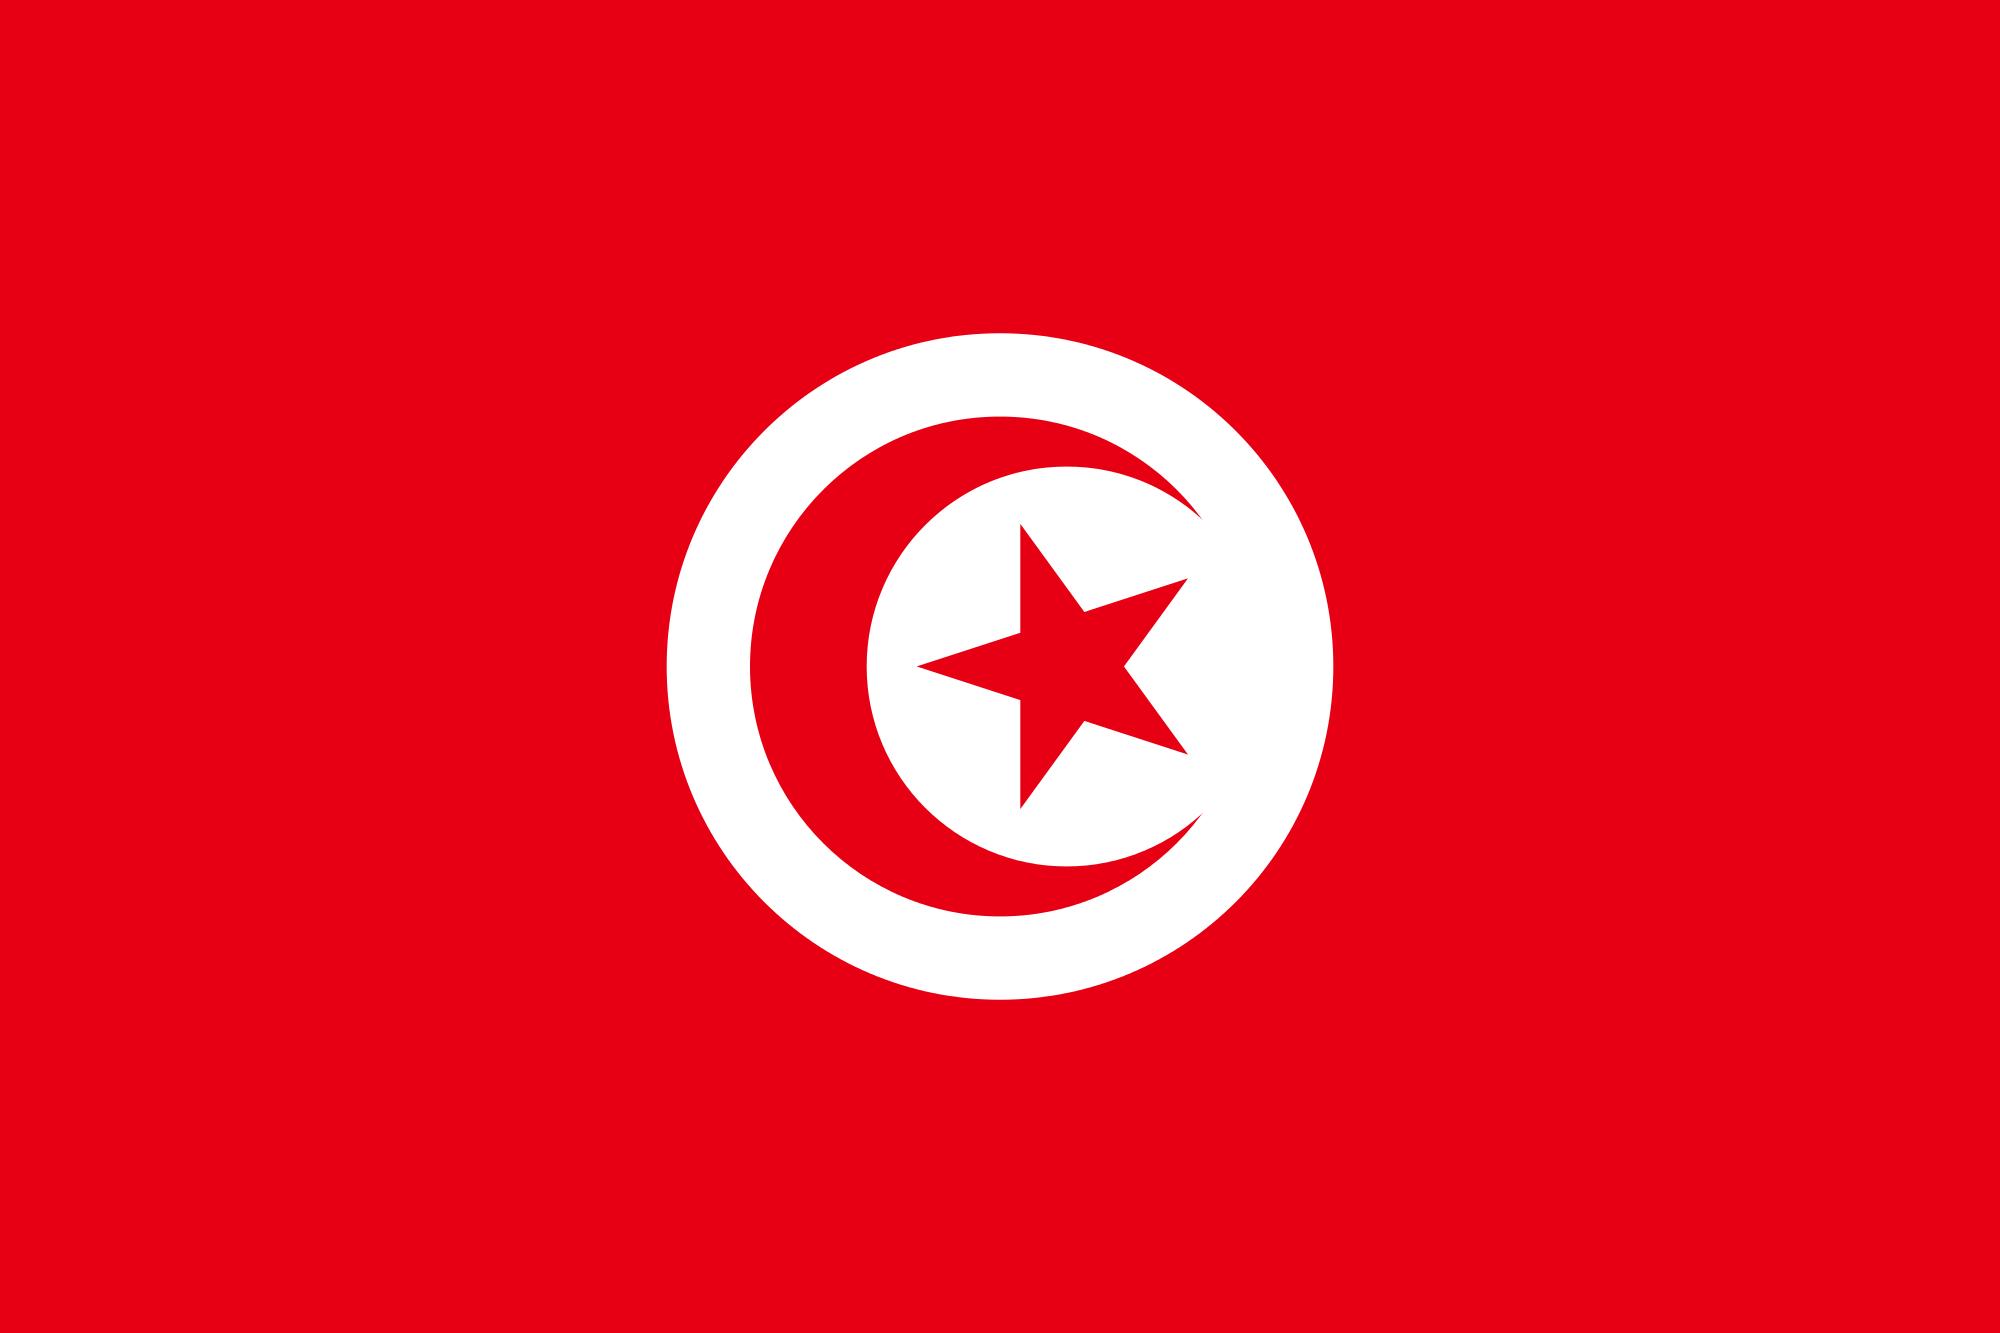 チュニジア国旗